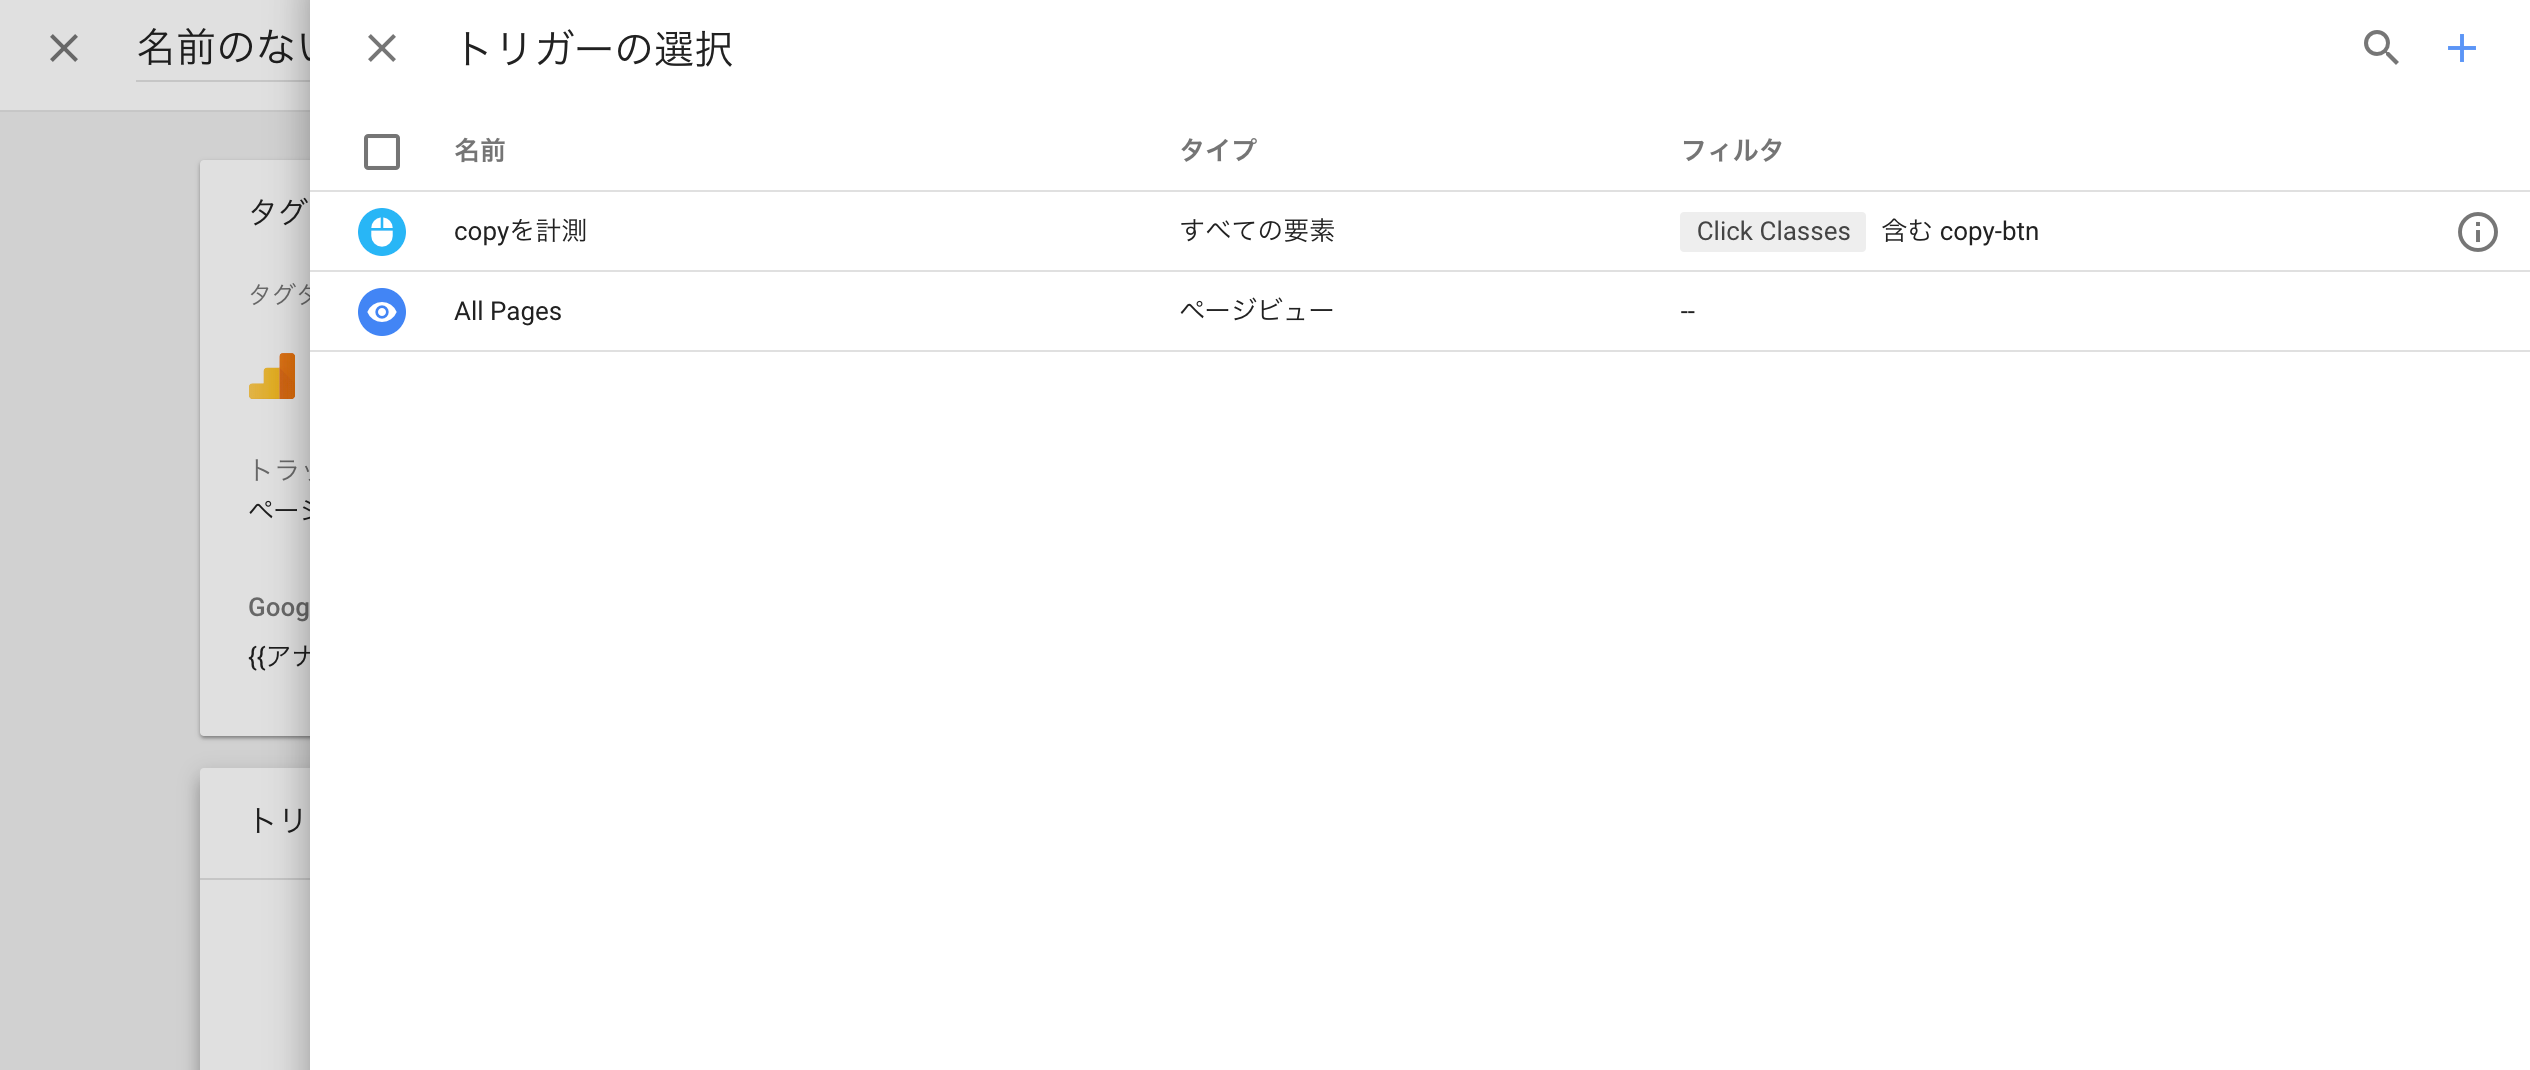 スクリーンショット 2018-06-01 16.55.36.png